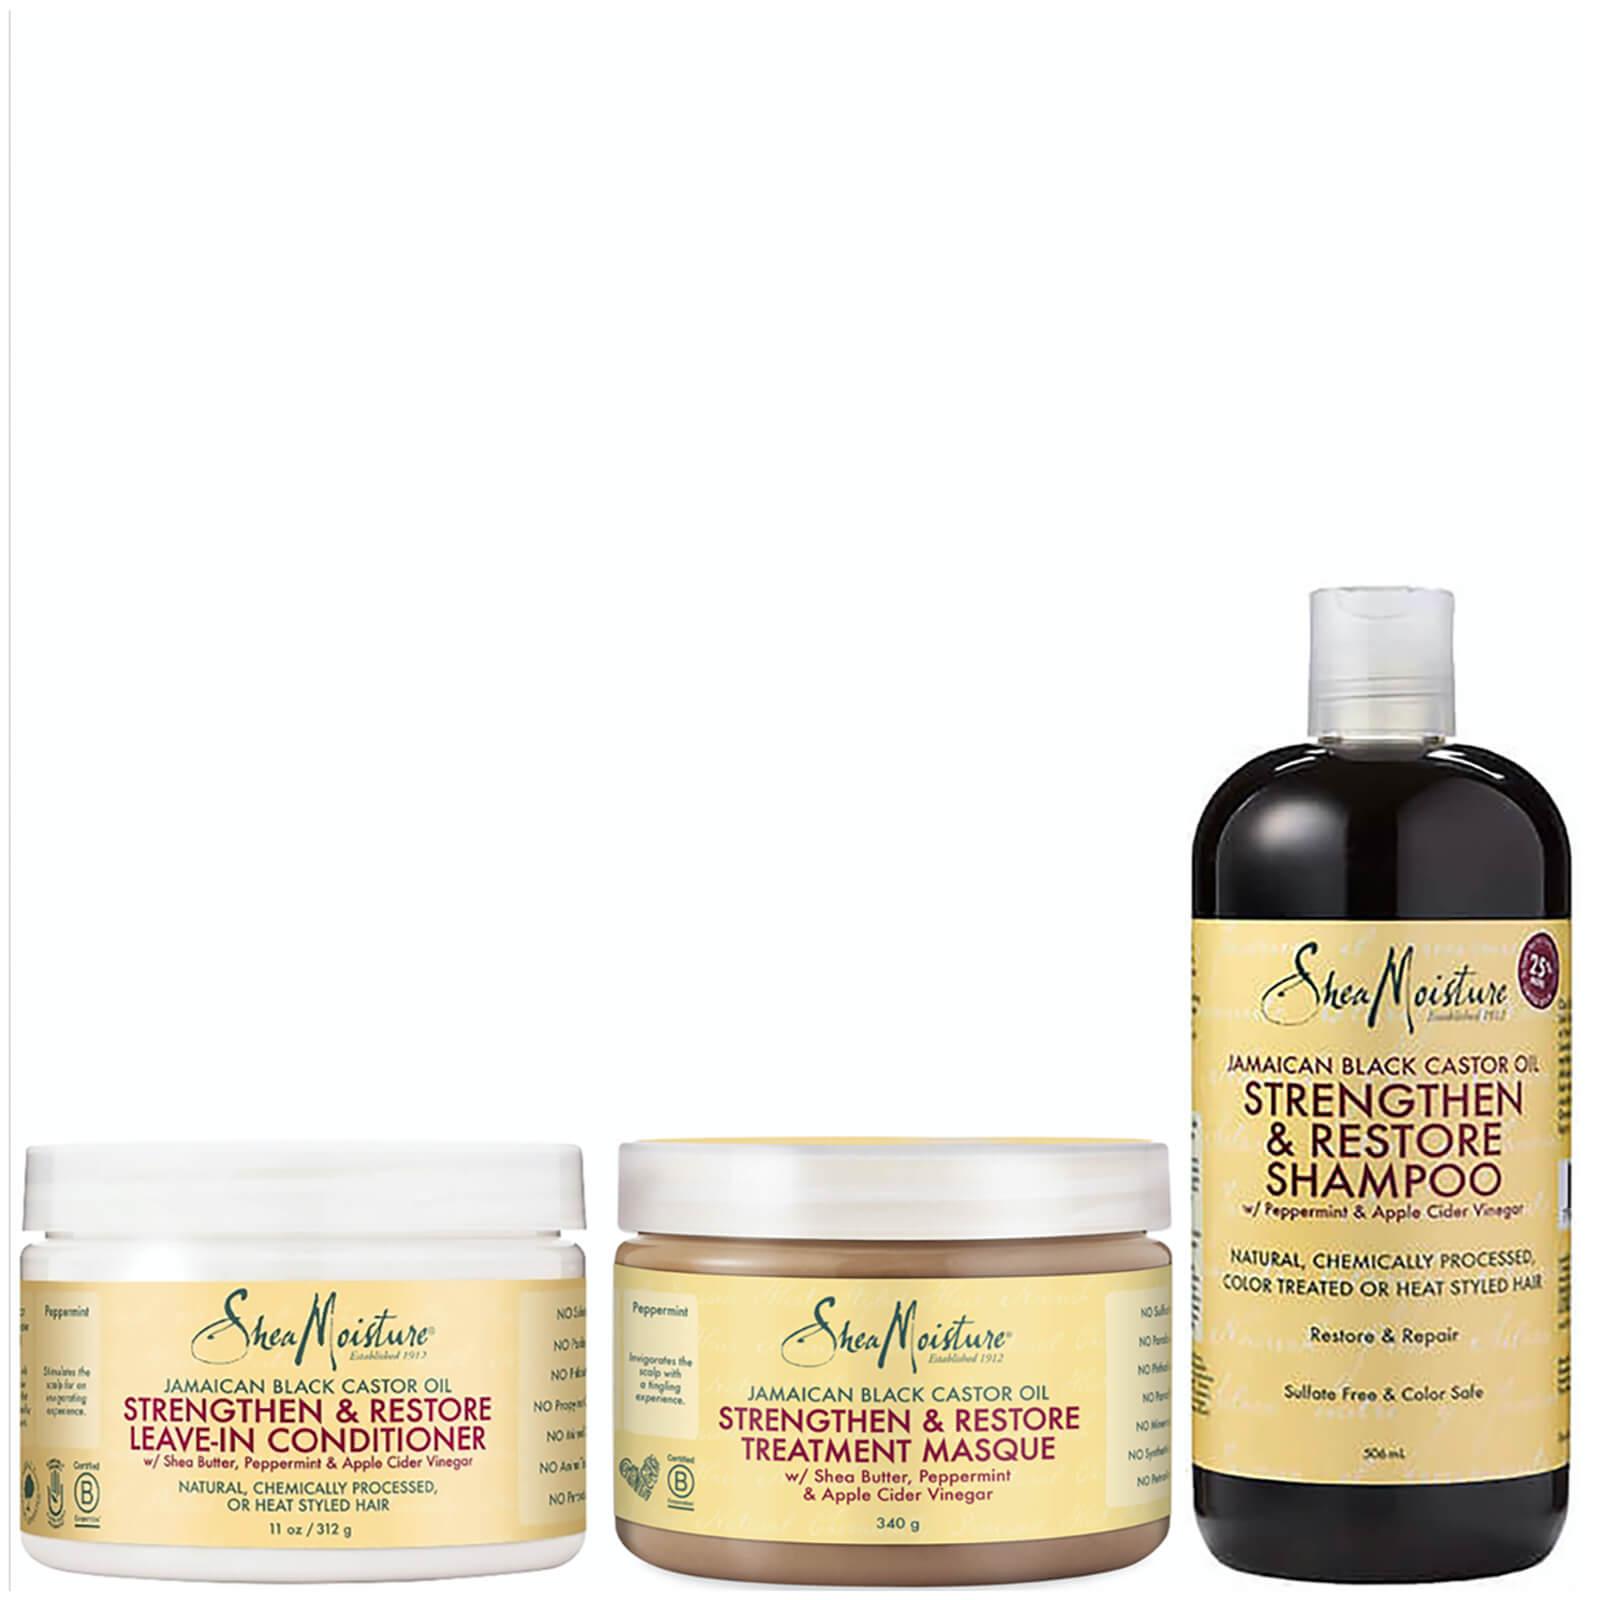 shea moisture jamaican black castor oil bundle (worth £38.97)